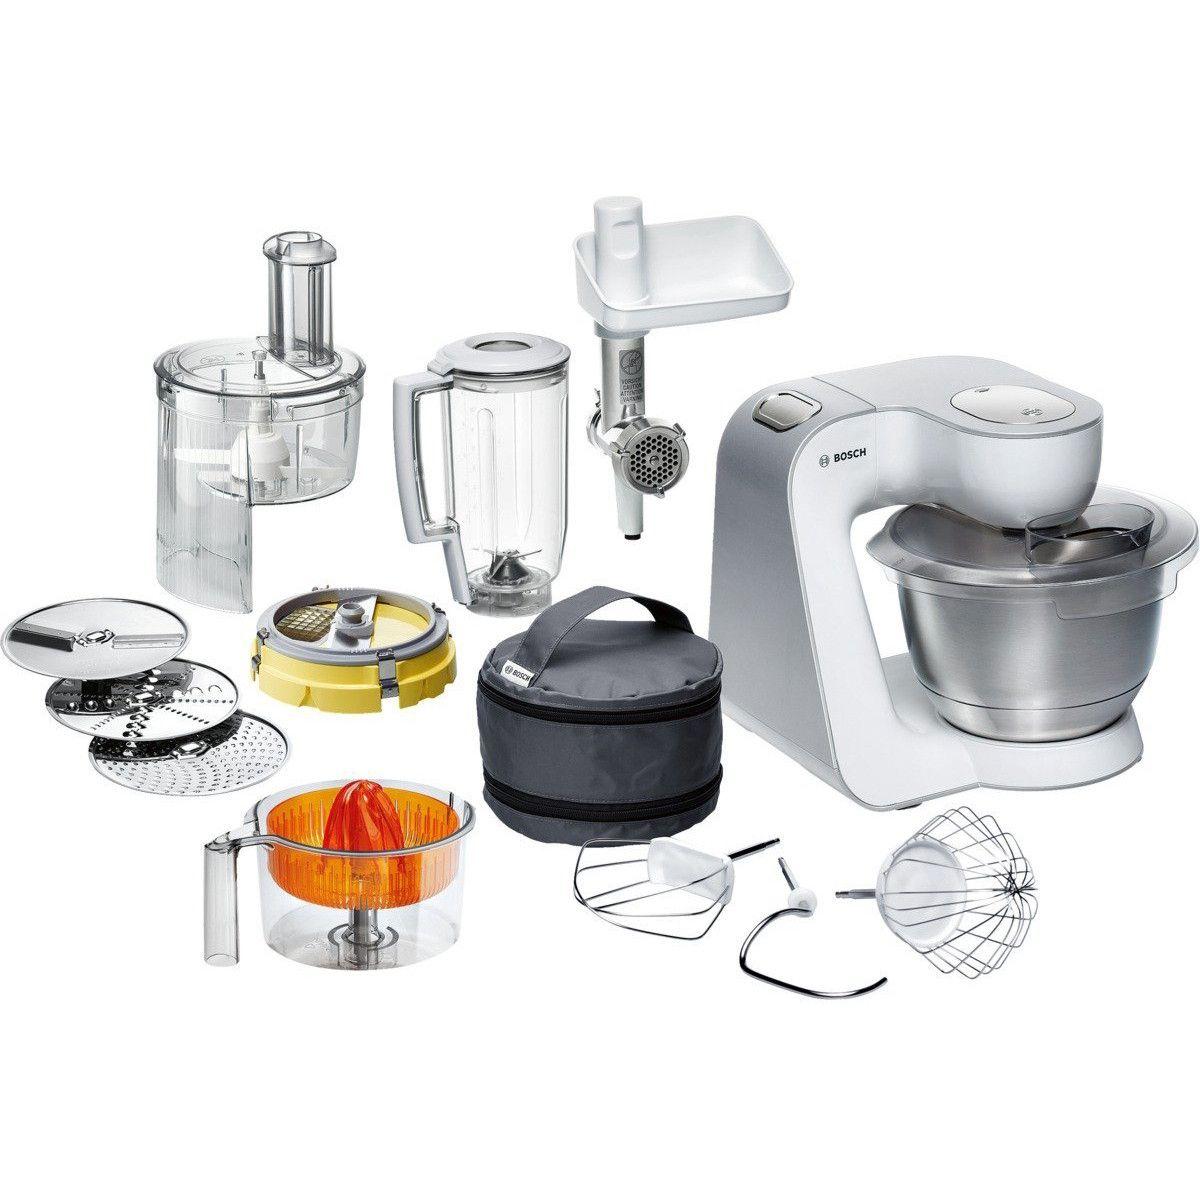 Bosch Kuchenmaschine Mum Zubehor Luxury Empfehle Ses Produkt